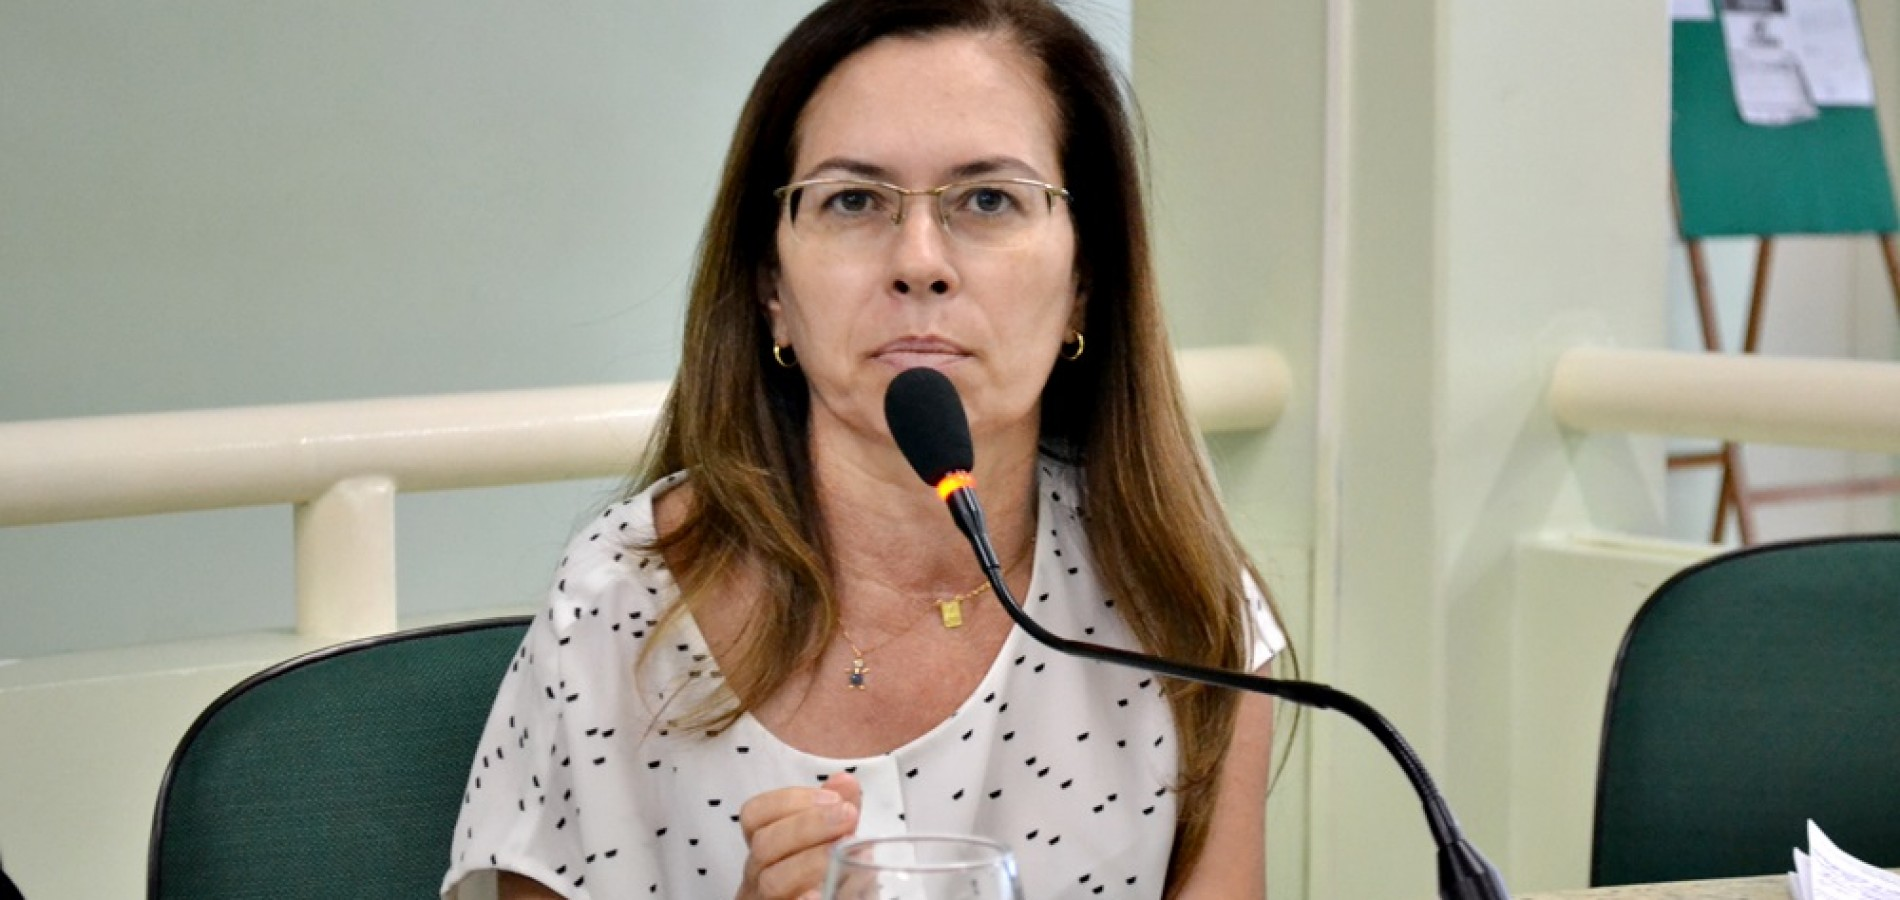 JAICÓS   Olisabel Silveira quer van para transporte de pacientes e reajuste para servidores